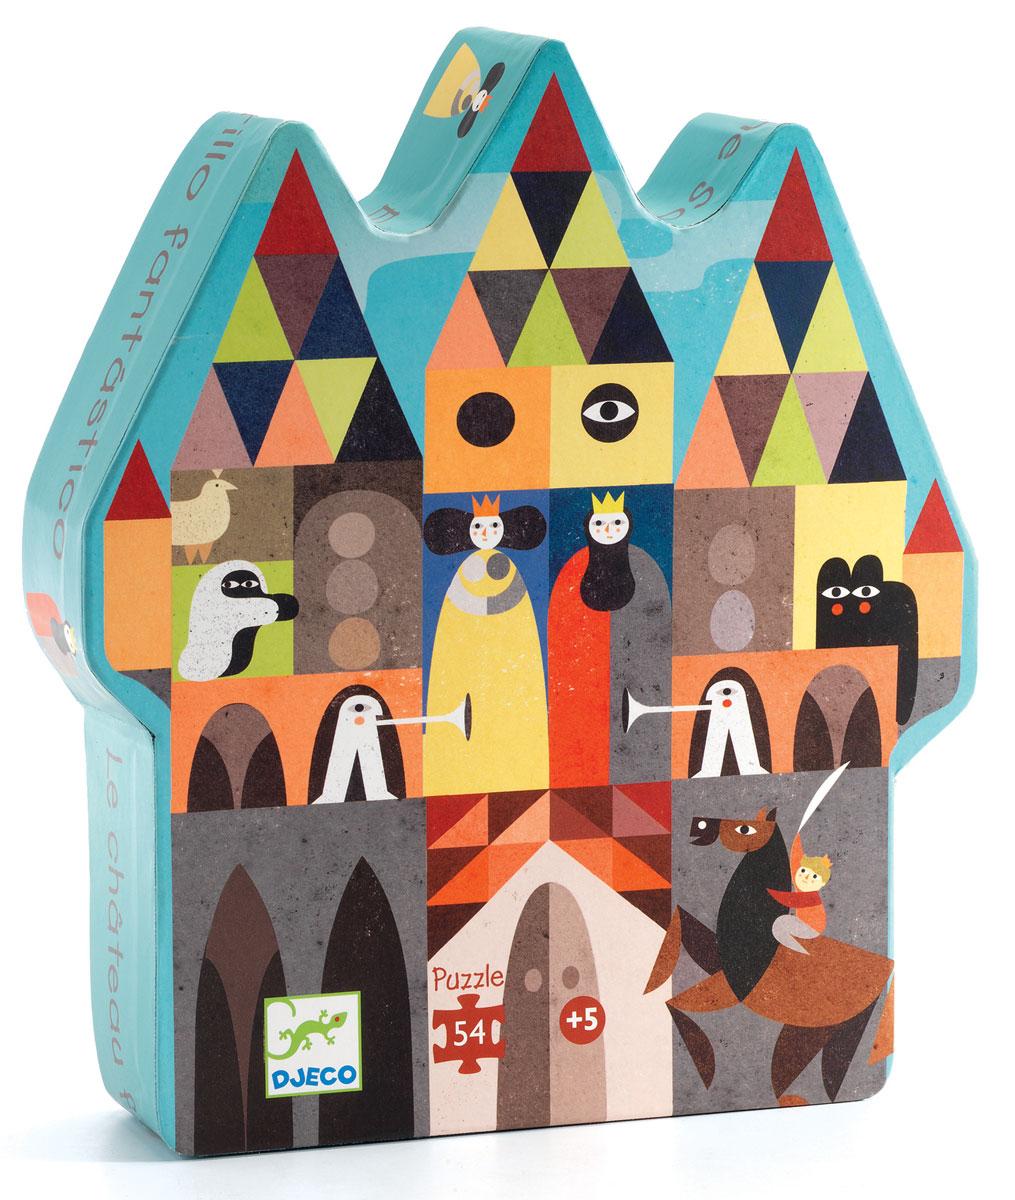 Djeco Пазл для малышей Фантастический замок07253Пазл Фантастический замок станет увлекательным занятием для ребенка и прекрасным украшением детской комнаты. Детали пазла сделаны из плотного картона и прекрасно иллюстрированы. Пазл-головоломка в красочной объемной упаковке станет прекрасным отличным подарком для каждого ребенка. Составление пазлов развивает мелкую моторику детских ручек, образное и логическое мышление, учит малыша внимательности и усидчивости.